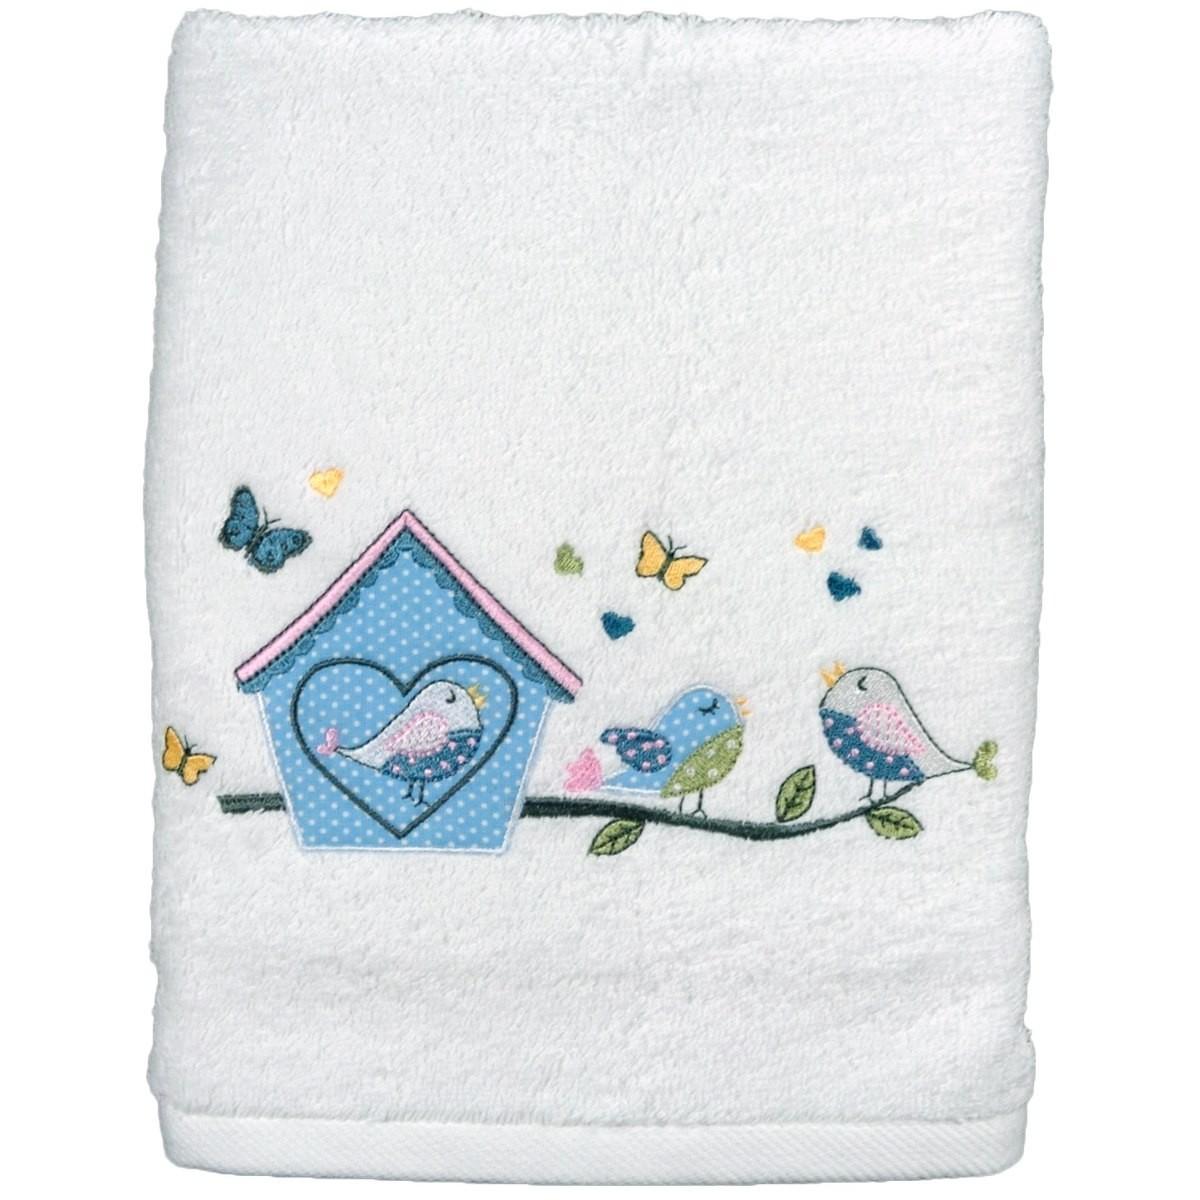 Serviette De Toilette Personnalisée Brodée Lovely Bird avec Serviette De Toilette Personnalisée